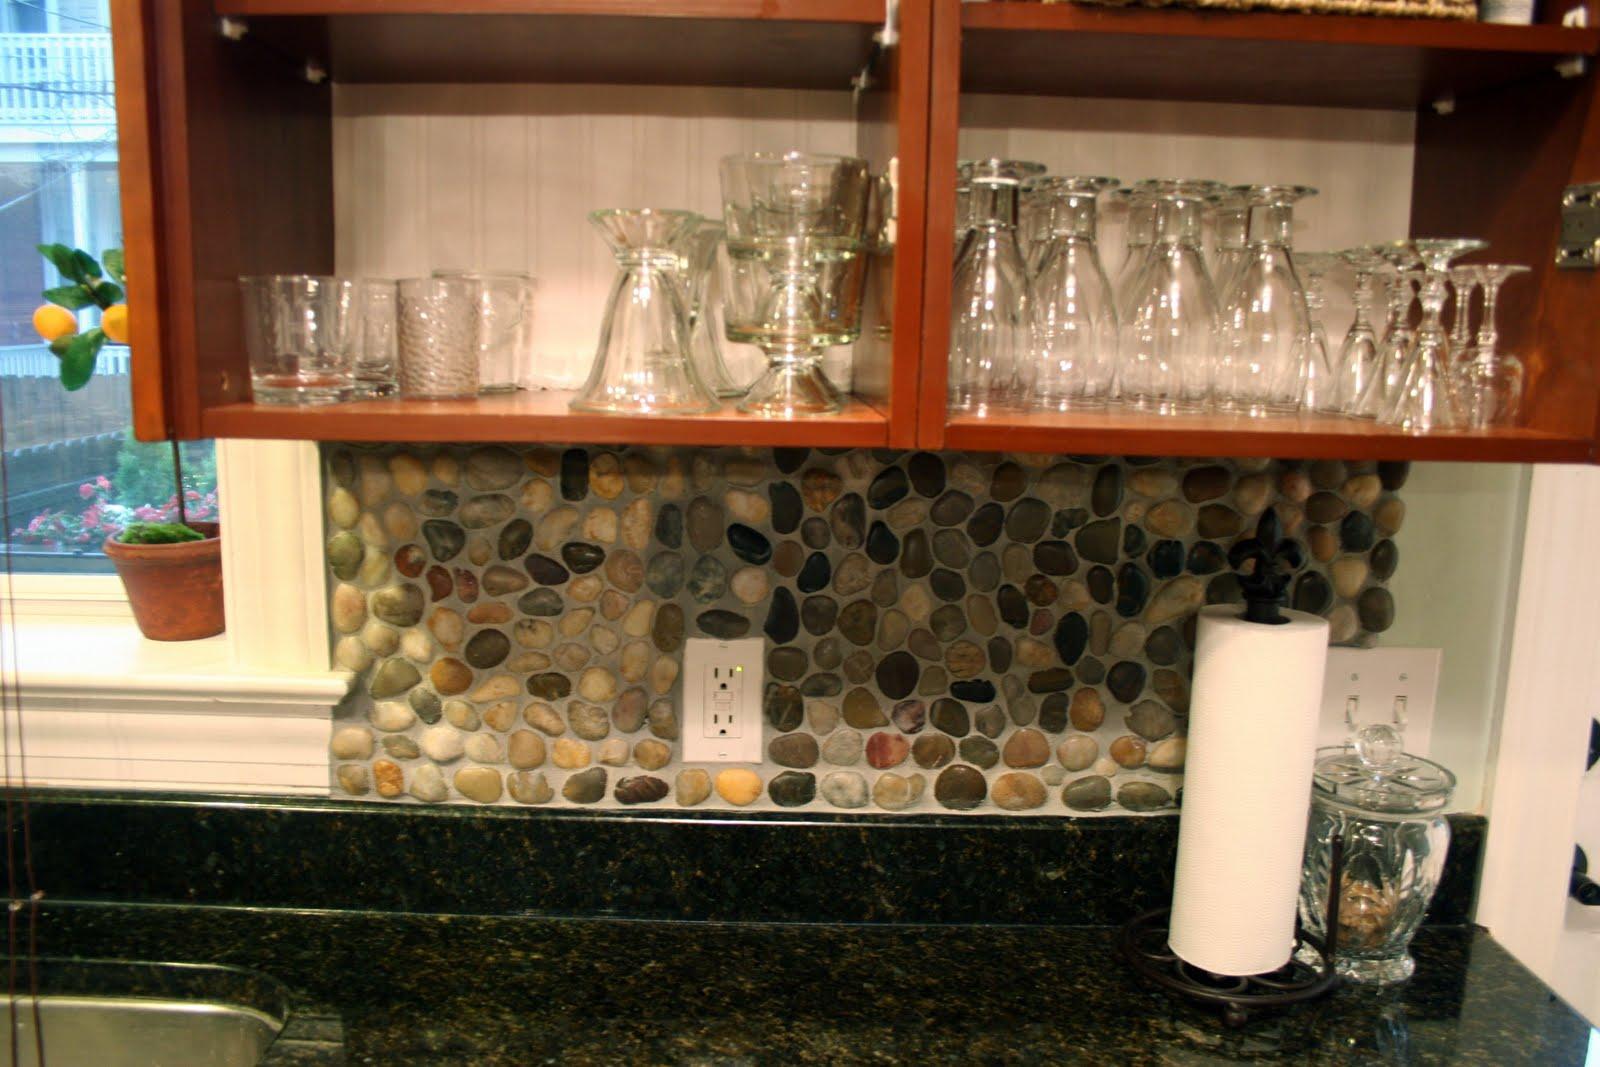 Stone Backsplash Kitchen Cabinets Menards Garden Tutorial How To